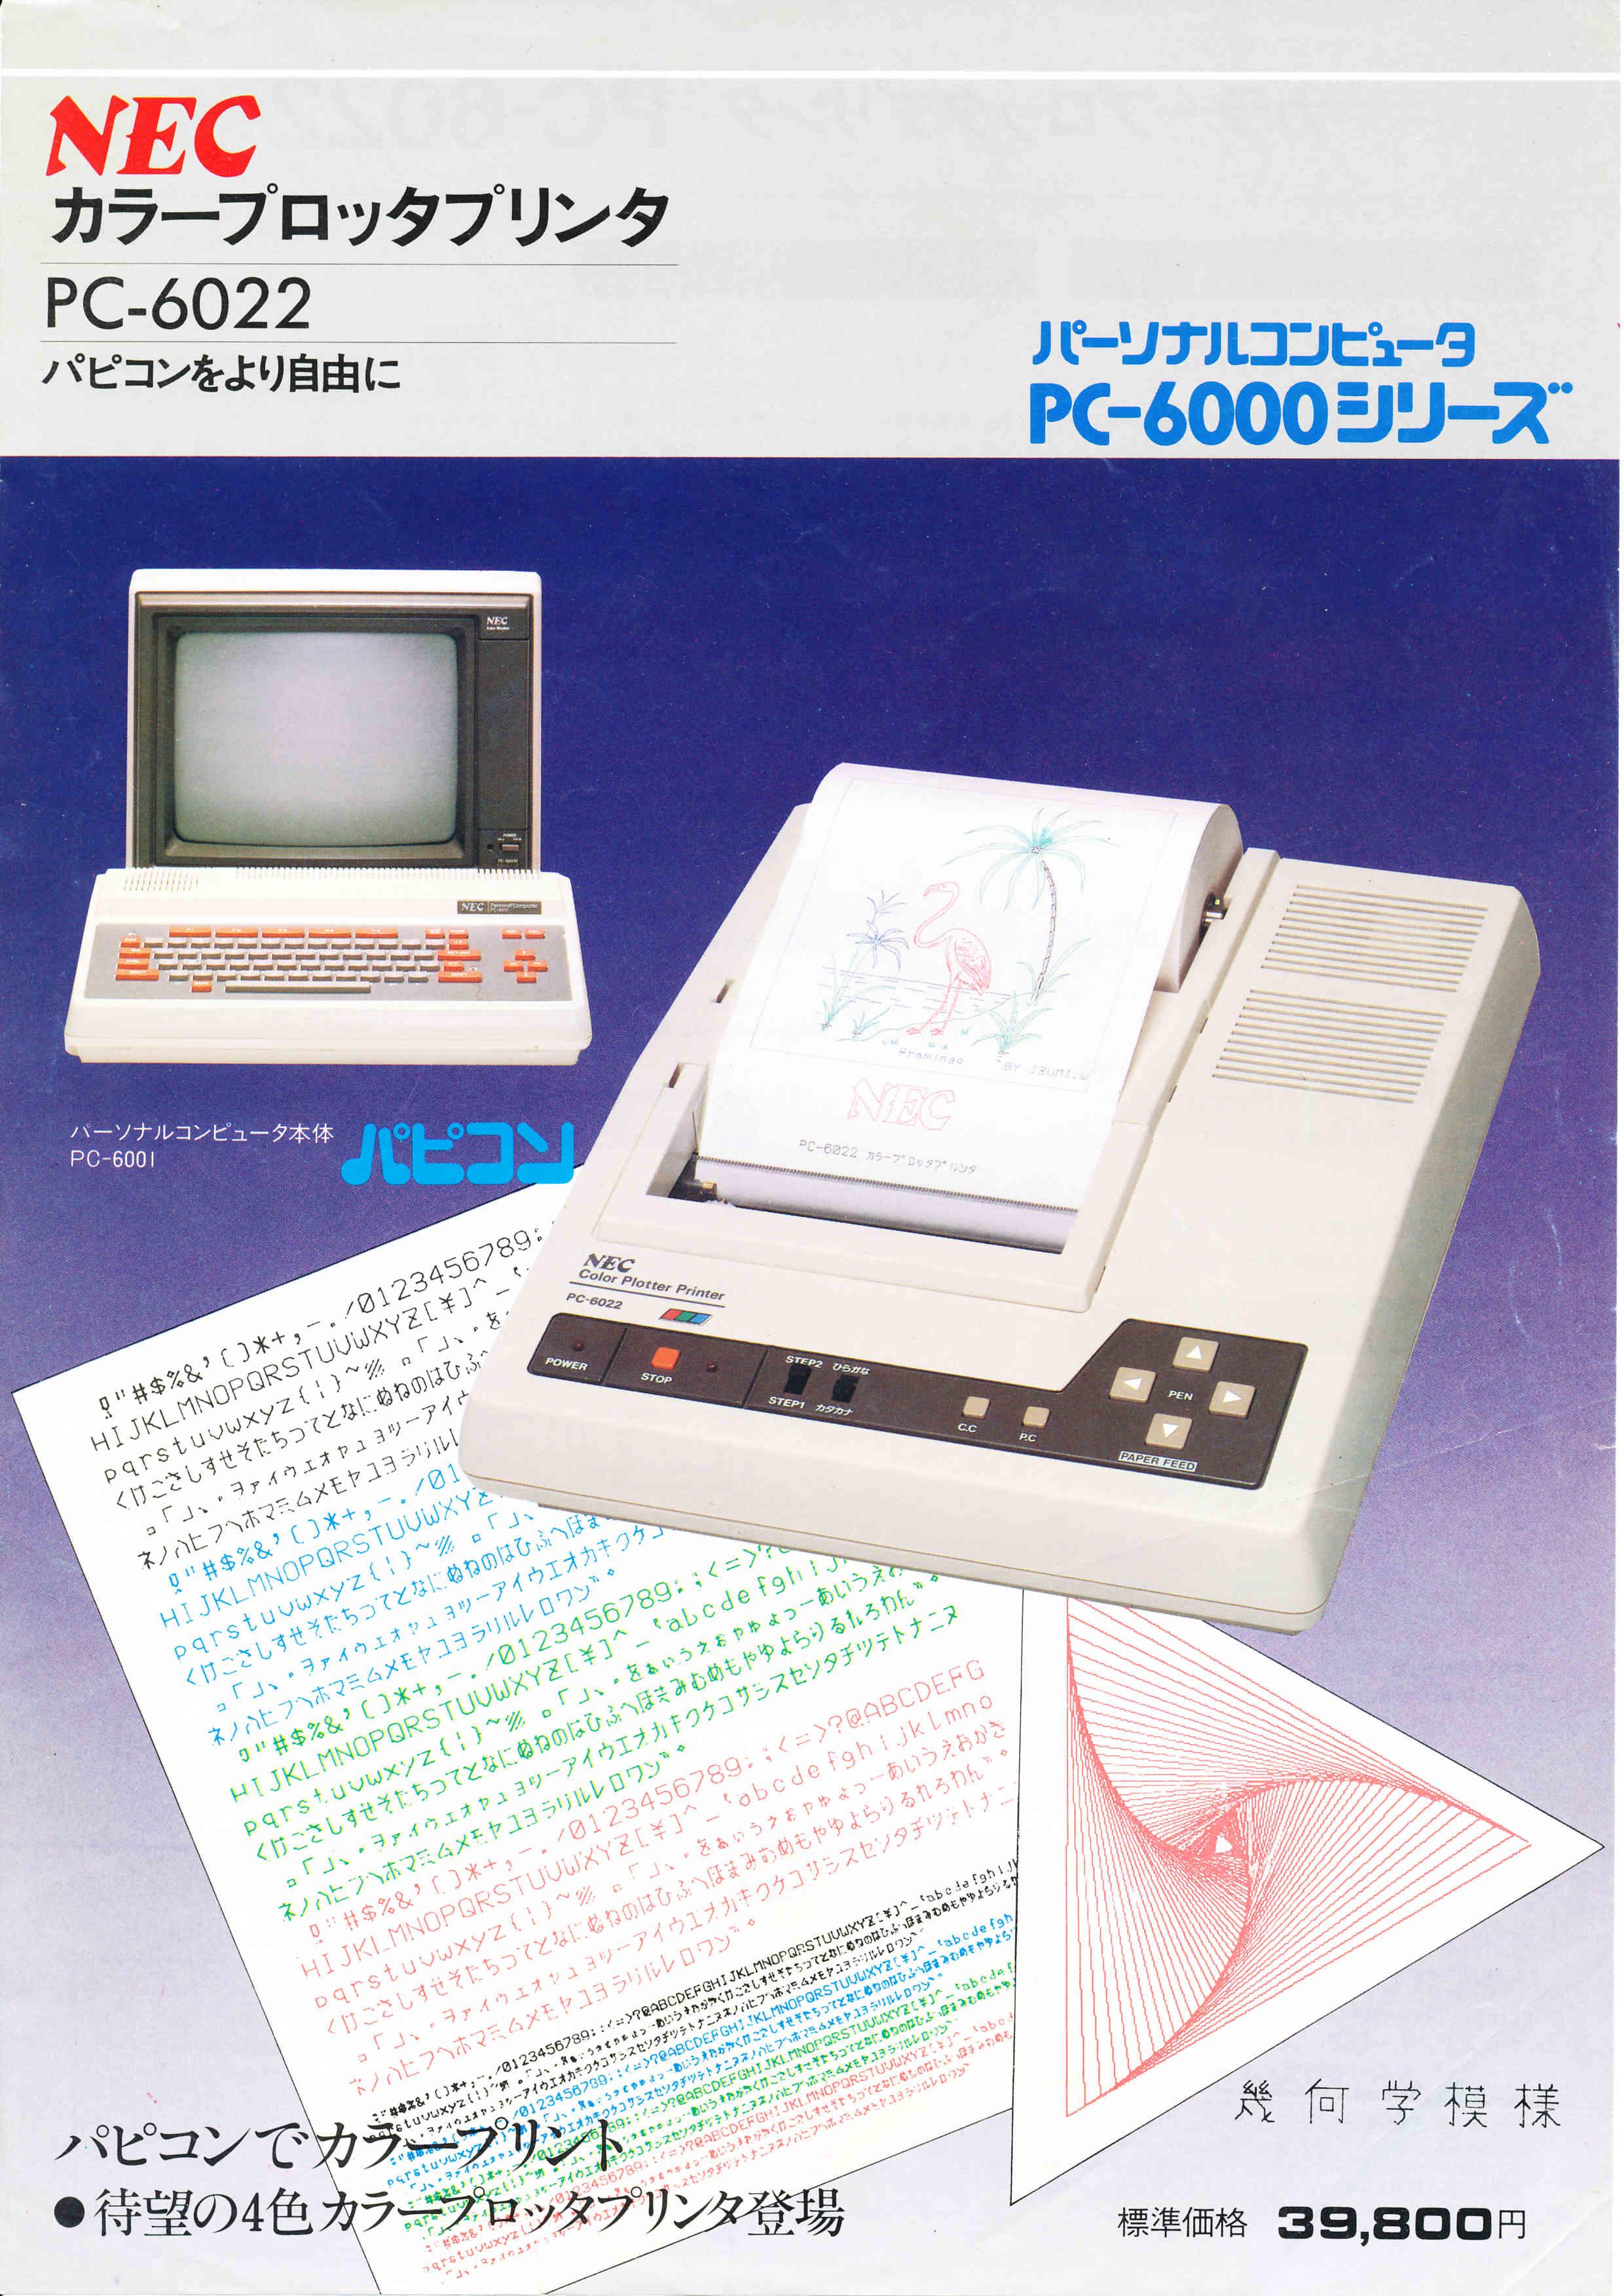 レトロPC、NEC PC-6000シリーズ...